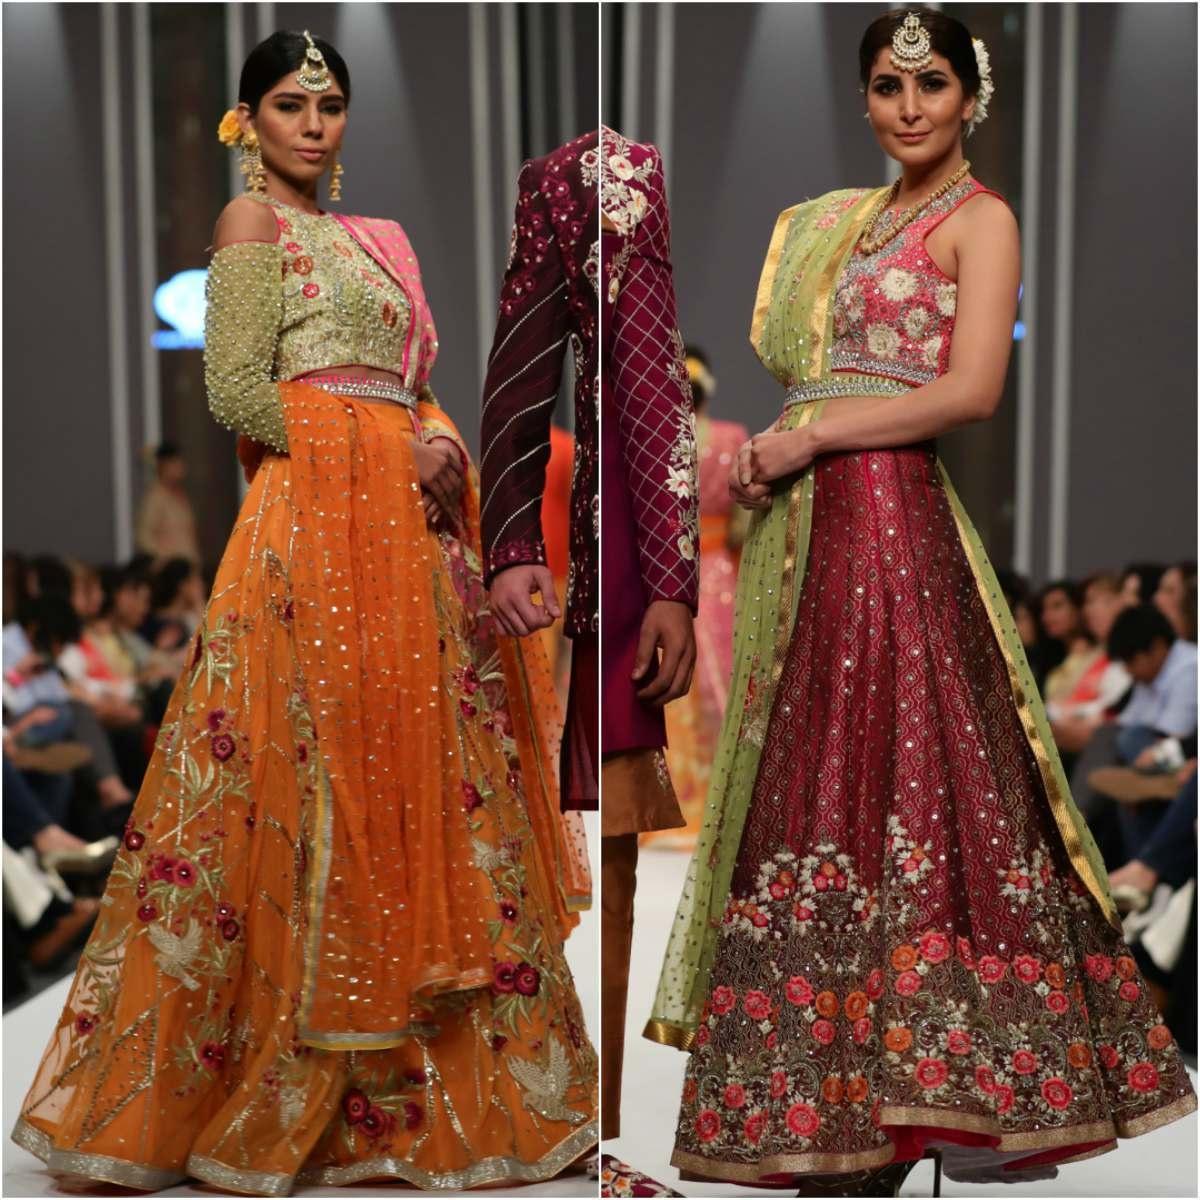 Deepak Perwani focused on mehendi wear and light bridals